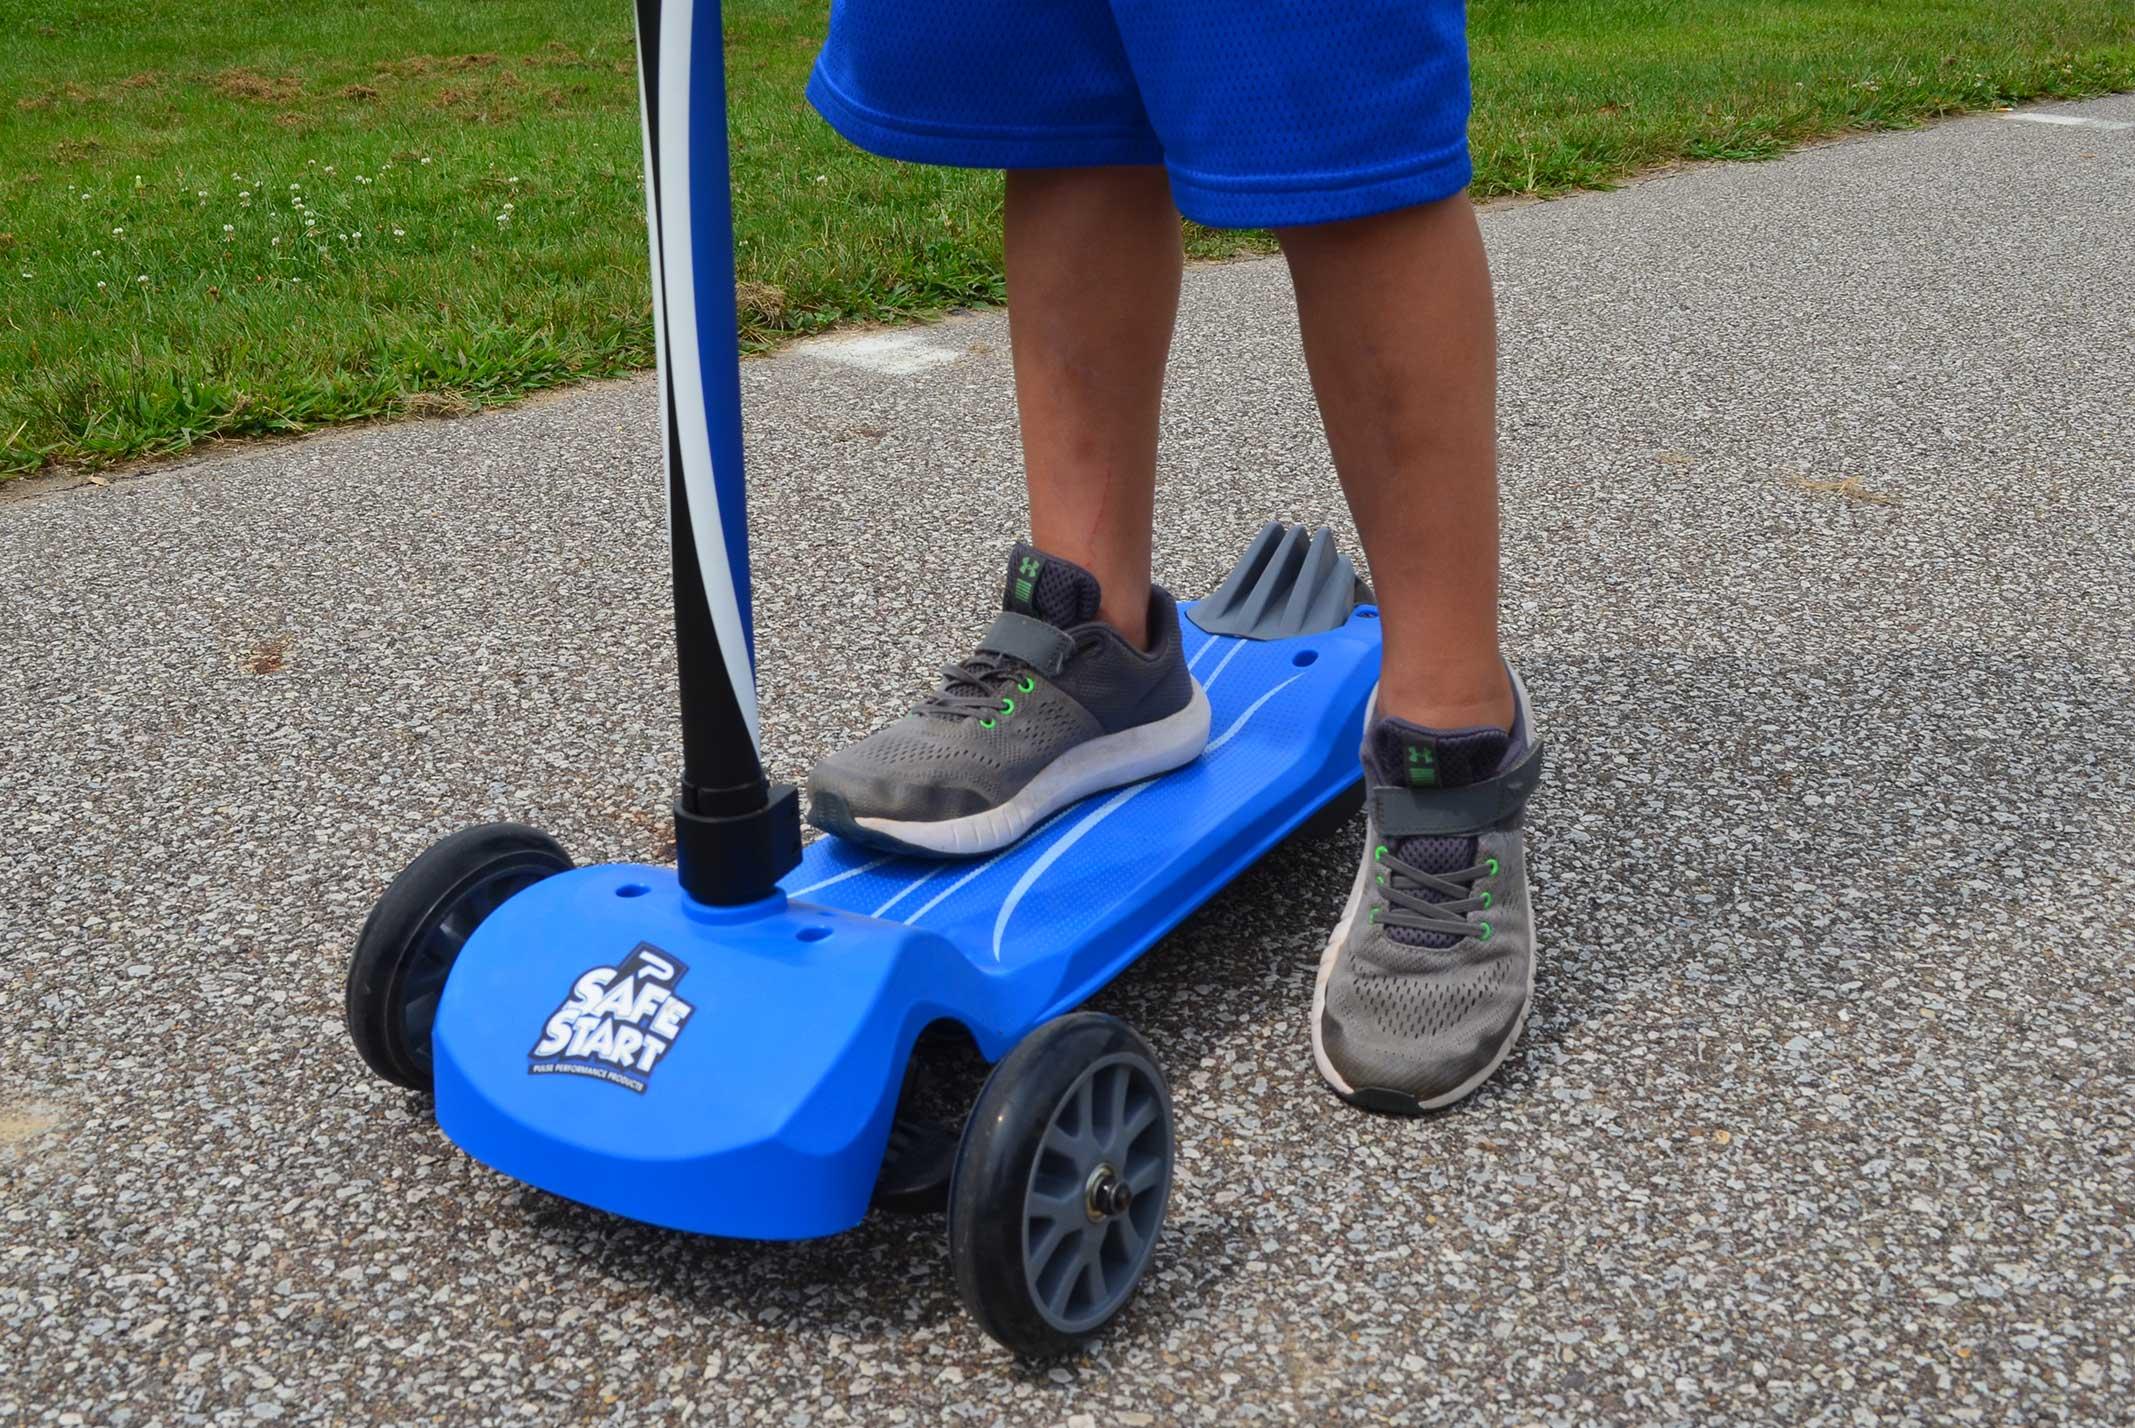 websafestartscooter2.jpg